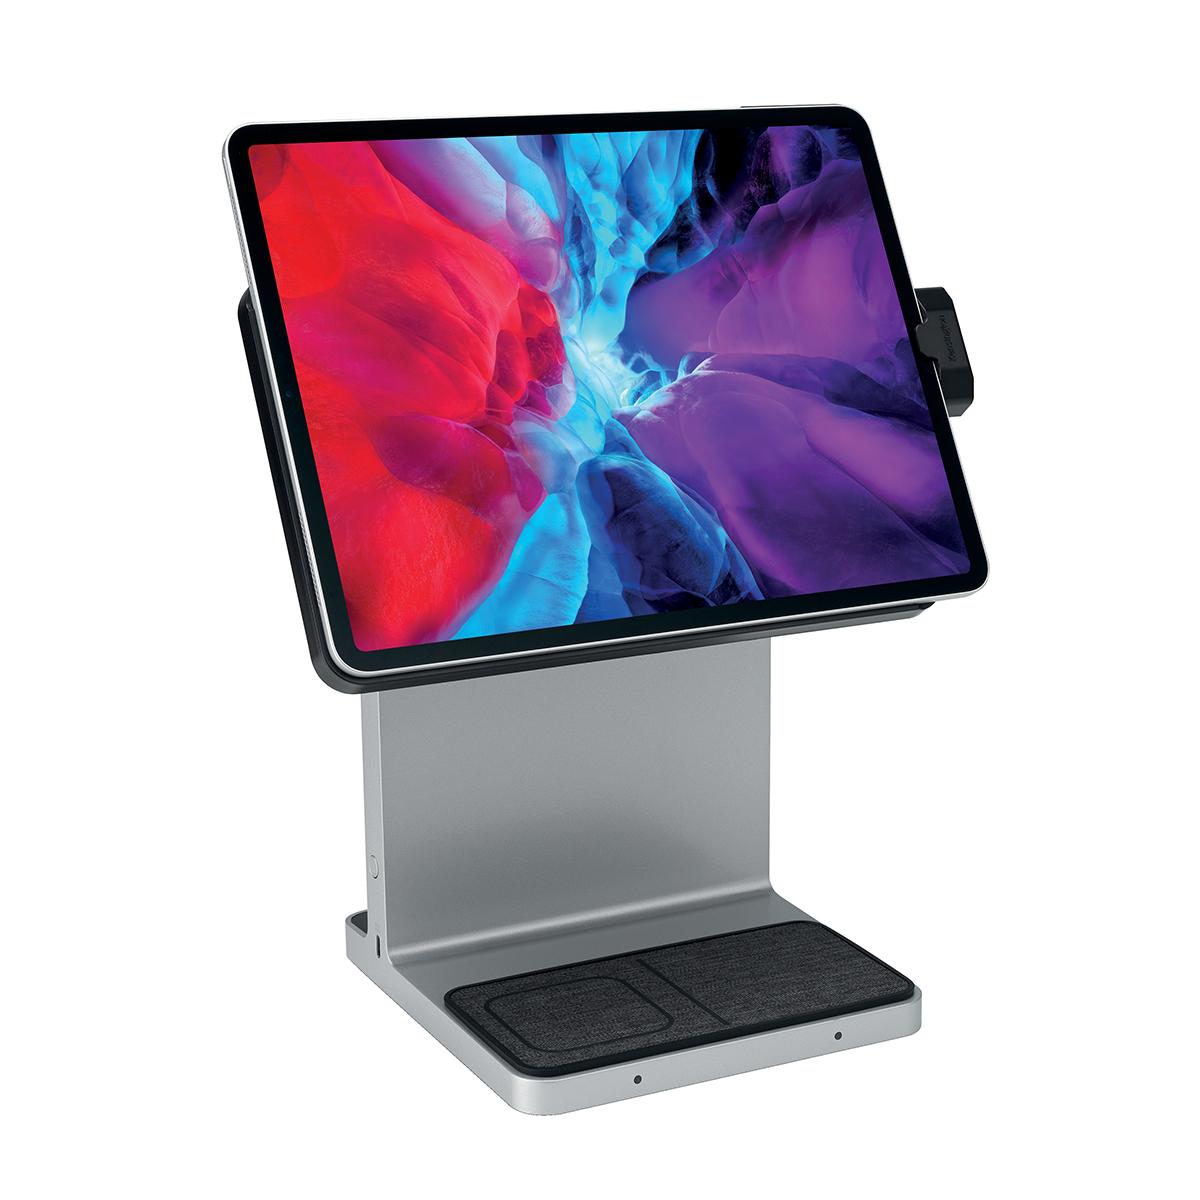 Kensington K34031WW StudioDock iPad Pro 11 Inch Docking Station